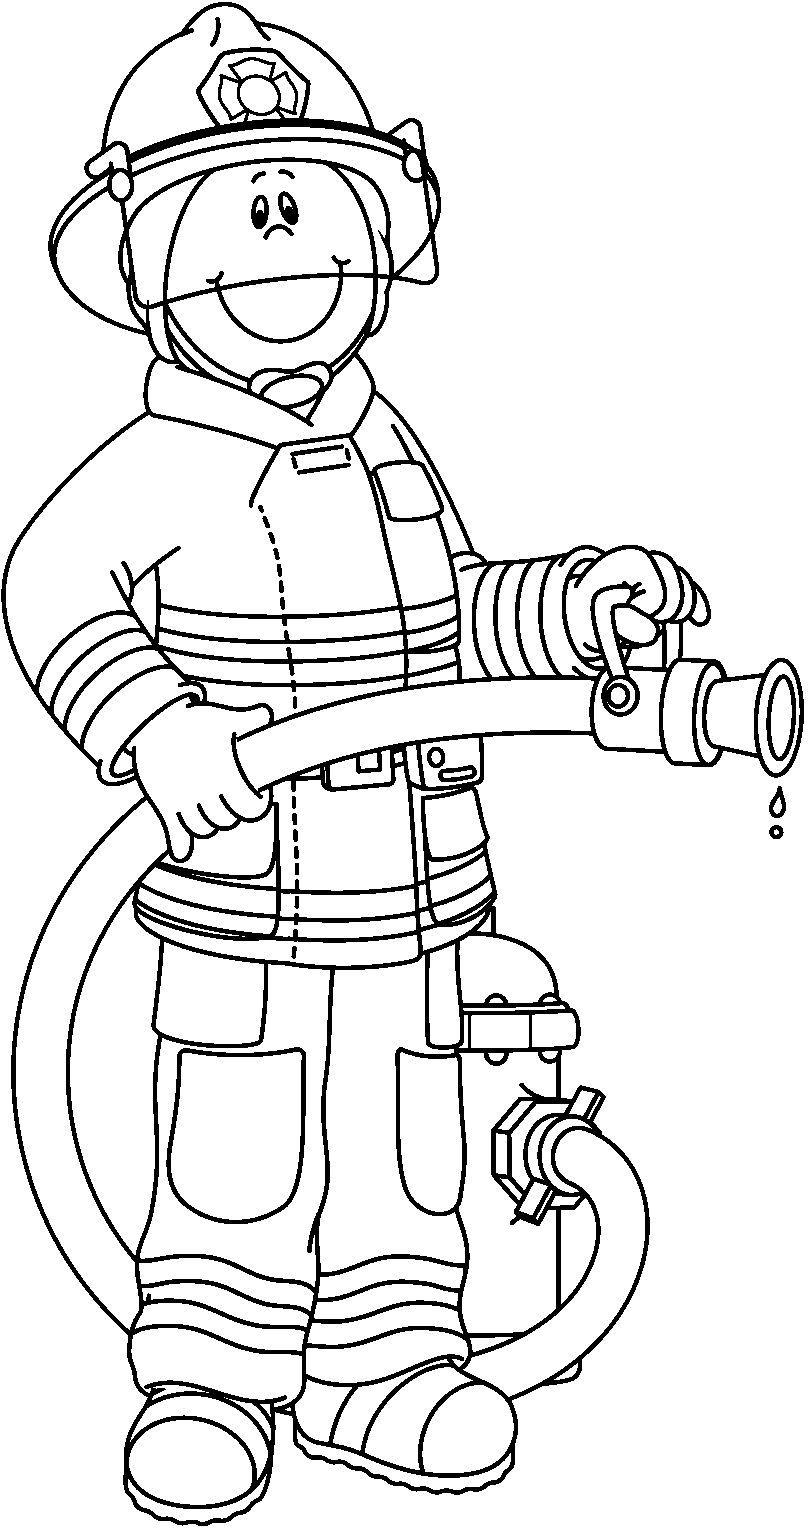 Los Ficio Del Latin Officĭum Es Una Ocupacion Habitual O La Profesion De Algun Arte Mecanica El Firefighter Clipart Fire Safety Preschool Firefighter Crafts